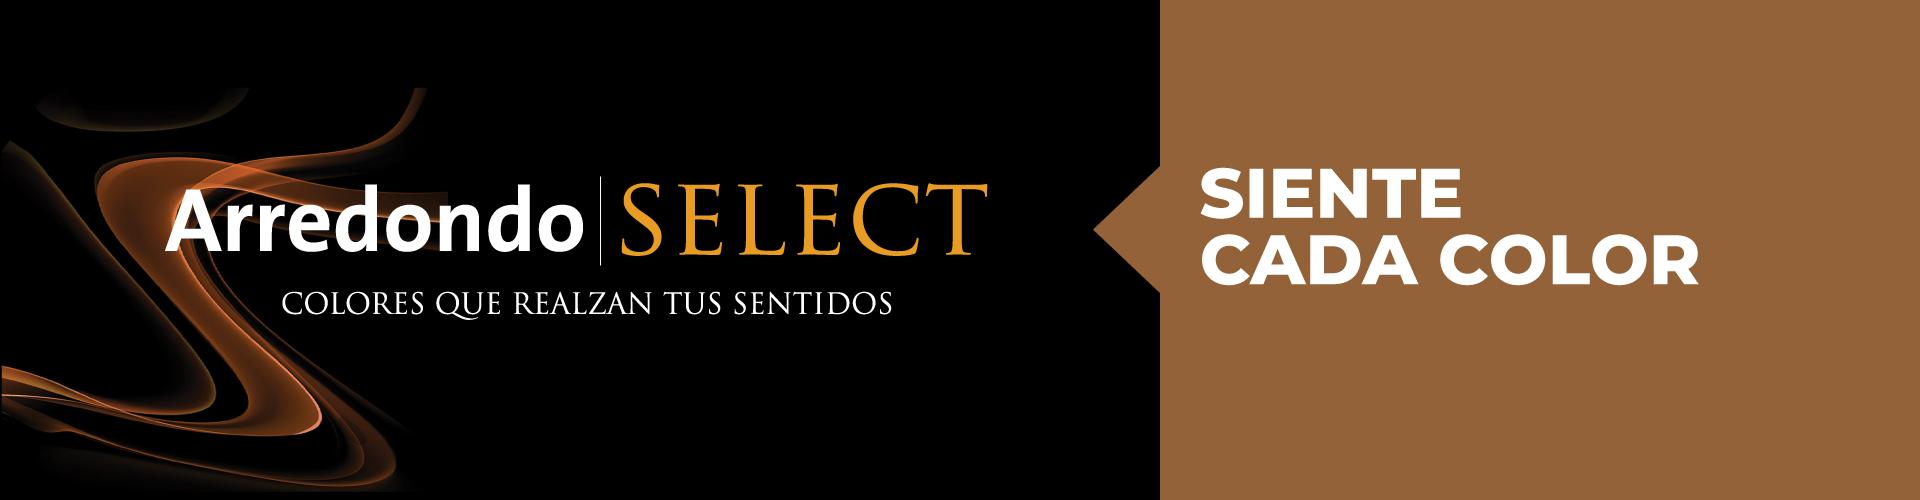 Catálogo de Colores Arredondo Select